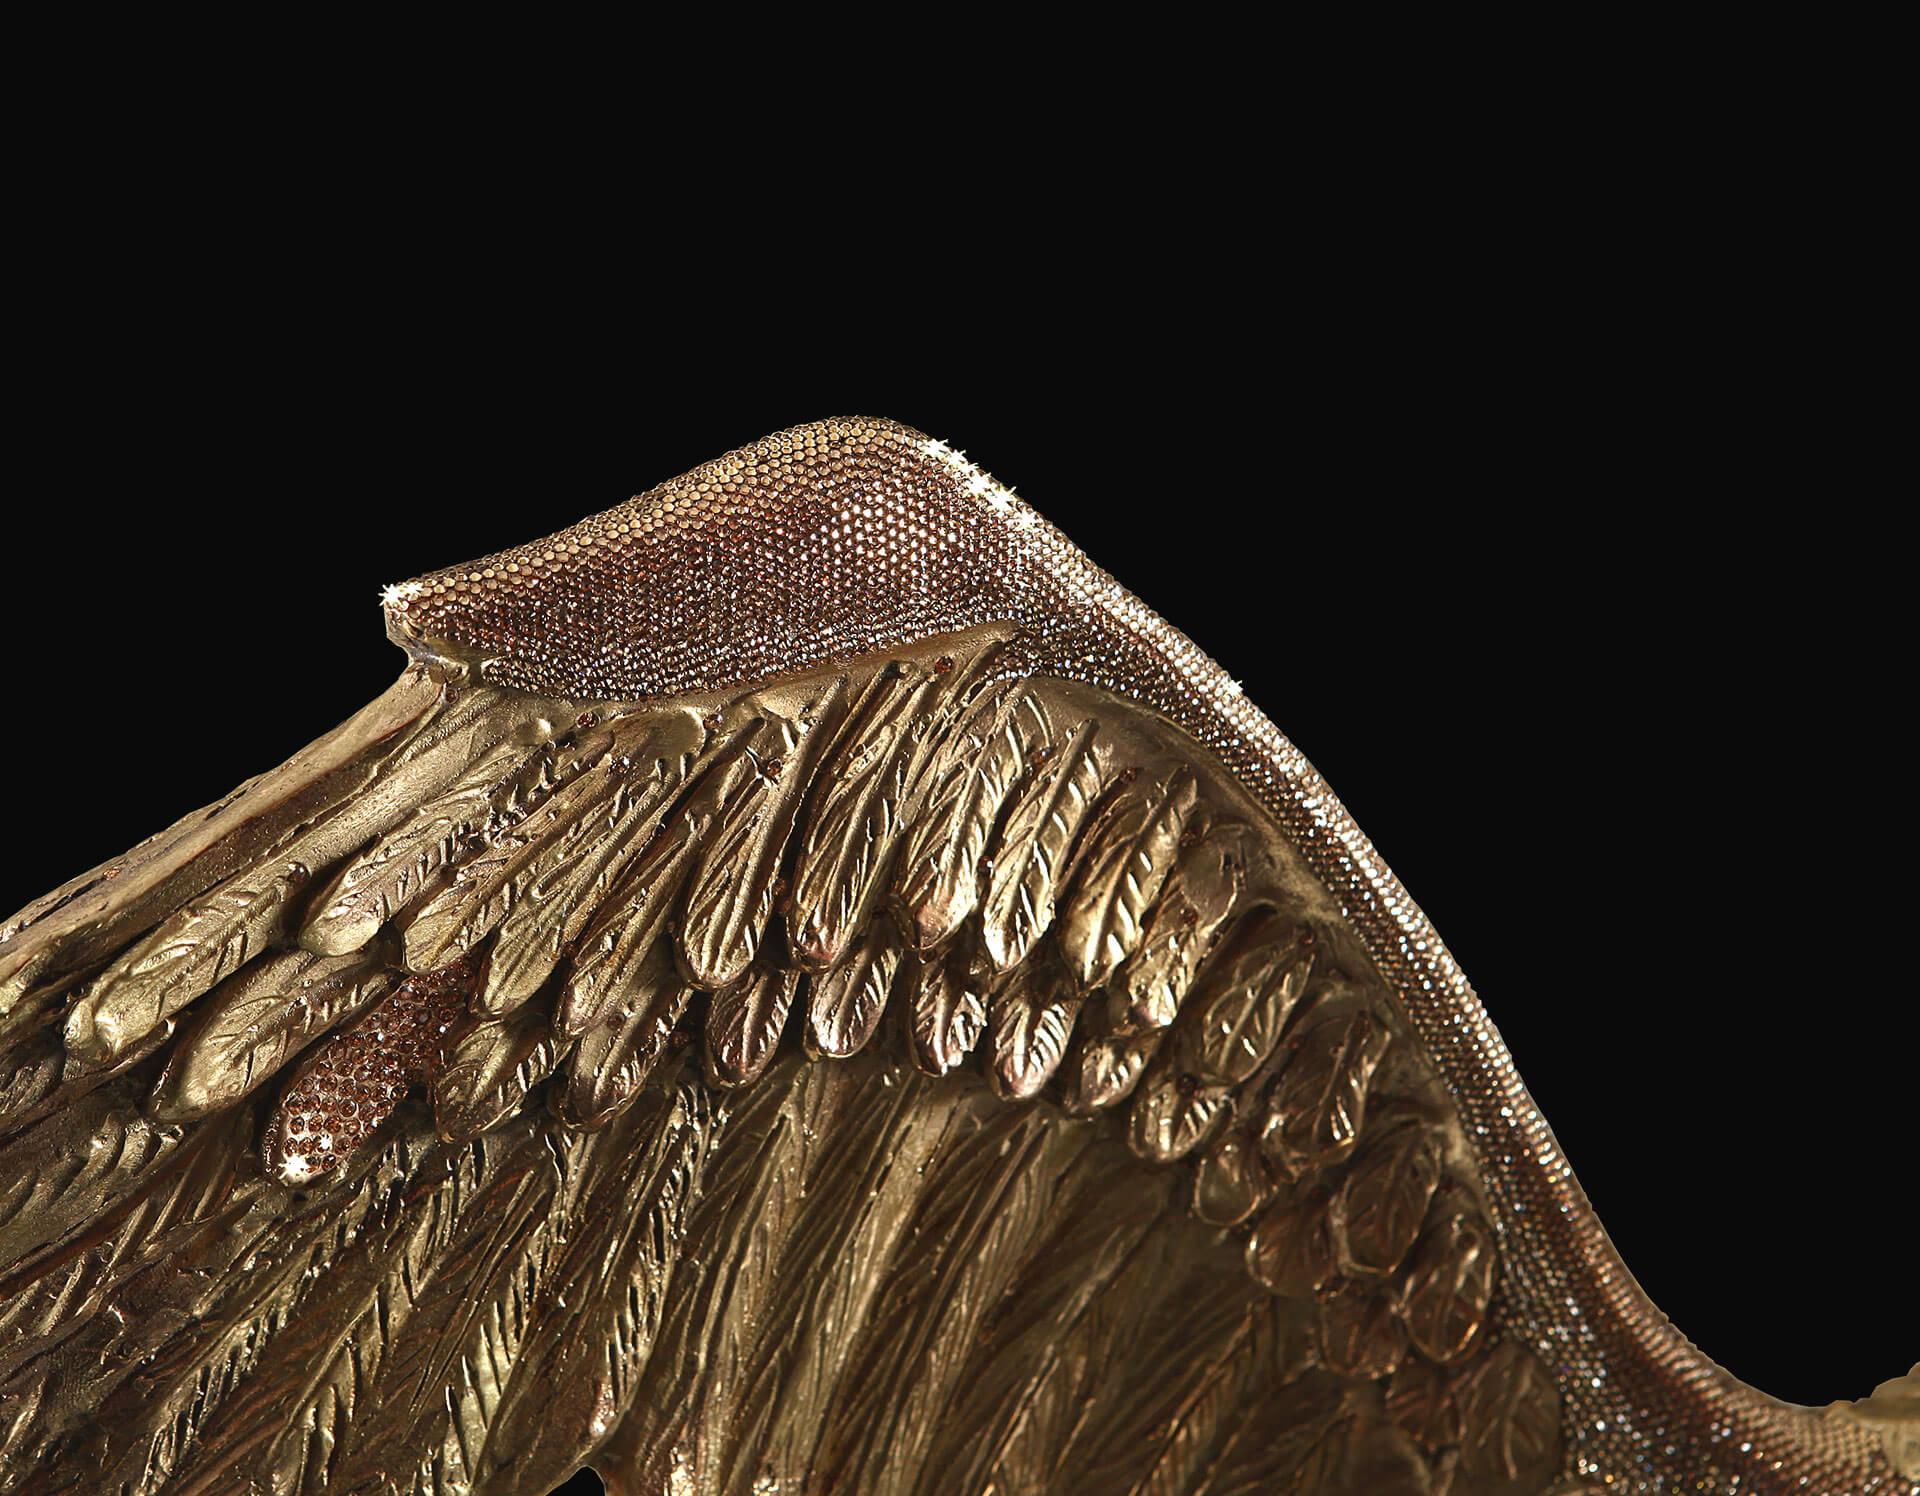 Brilliant Falcon by FP Art